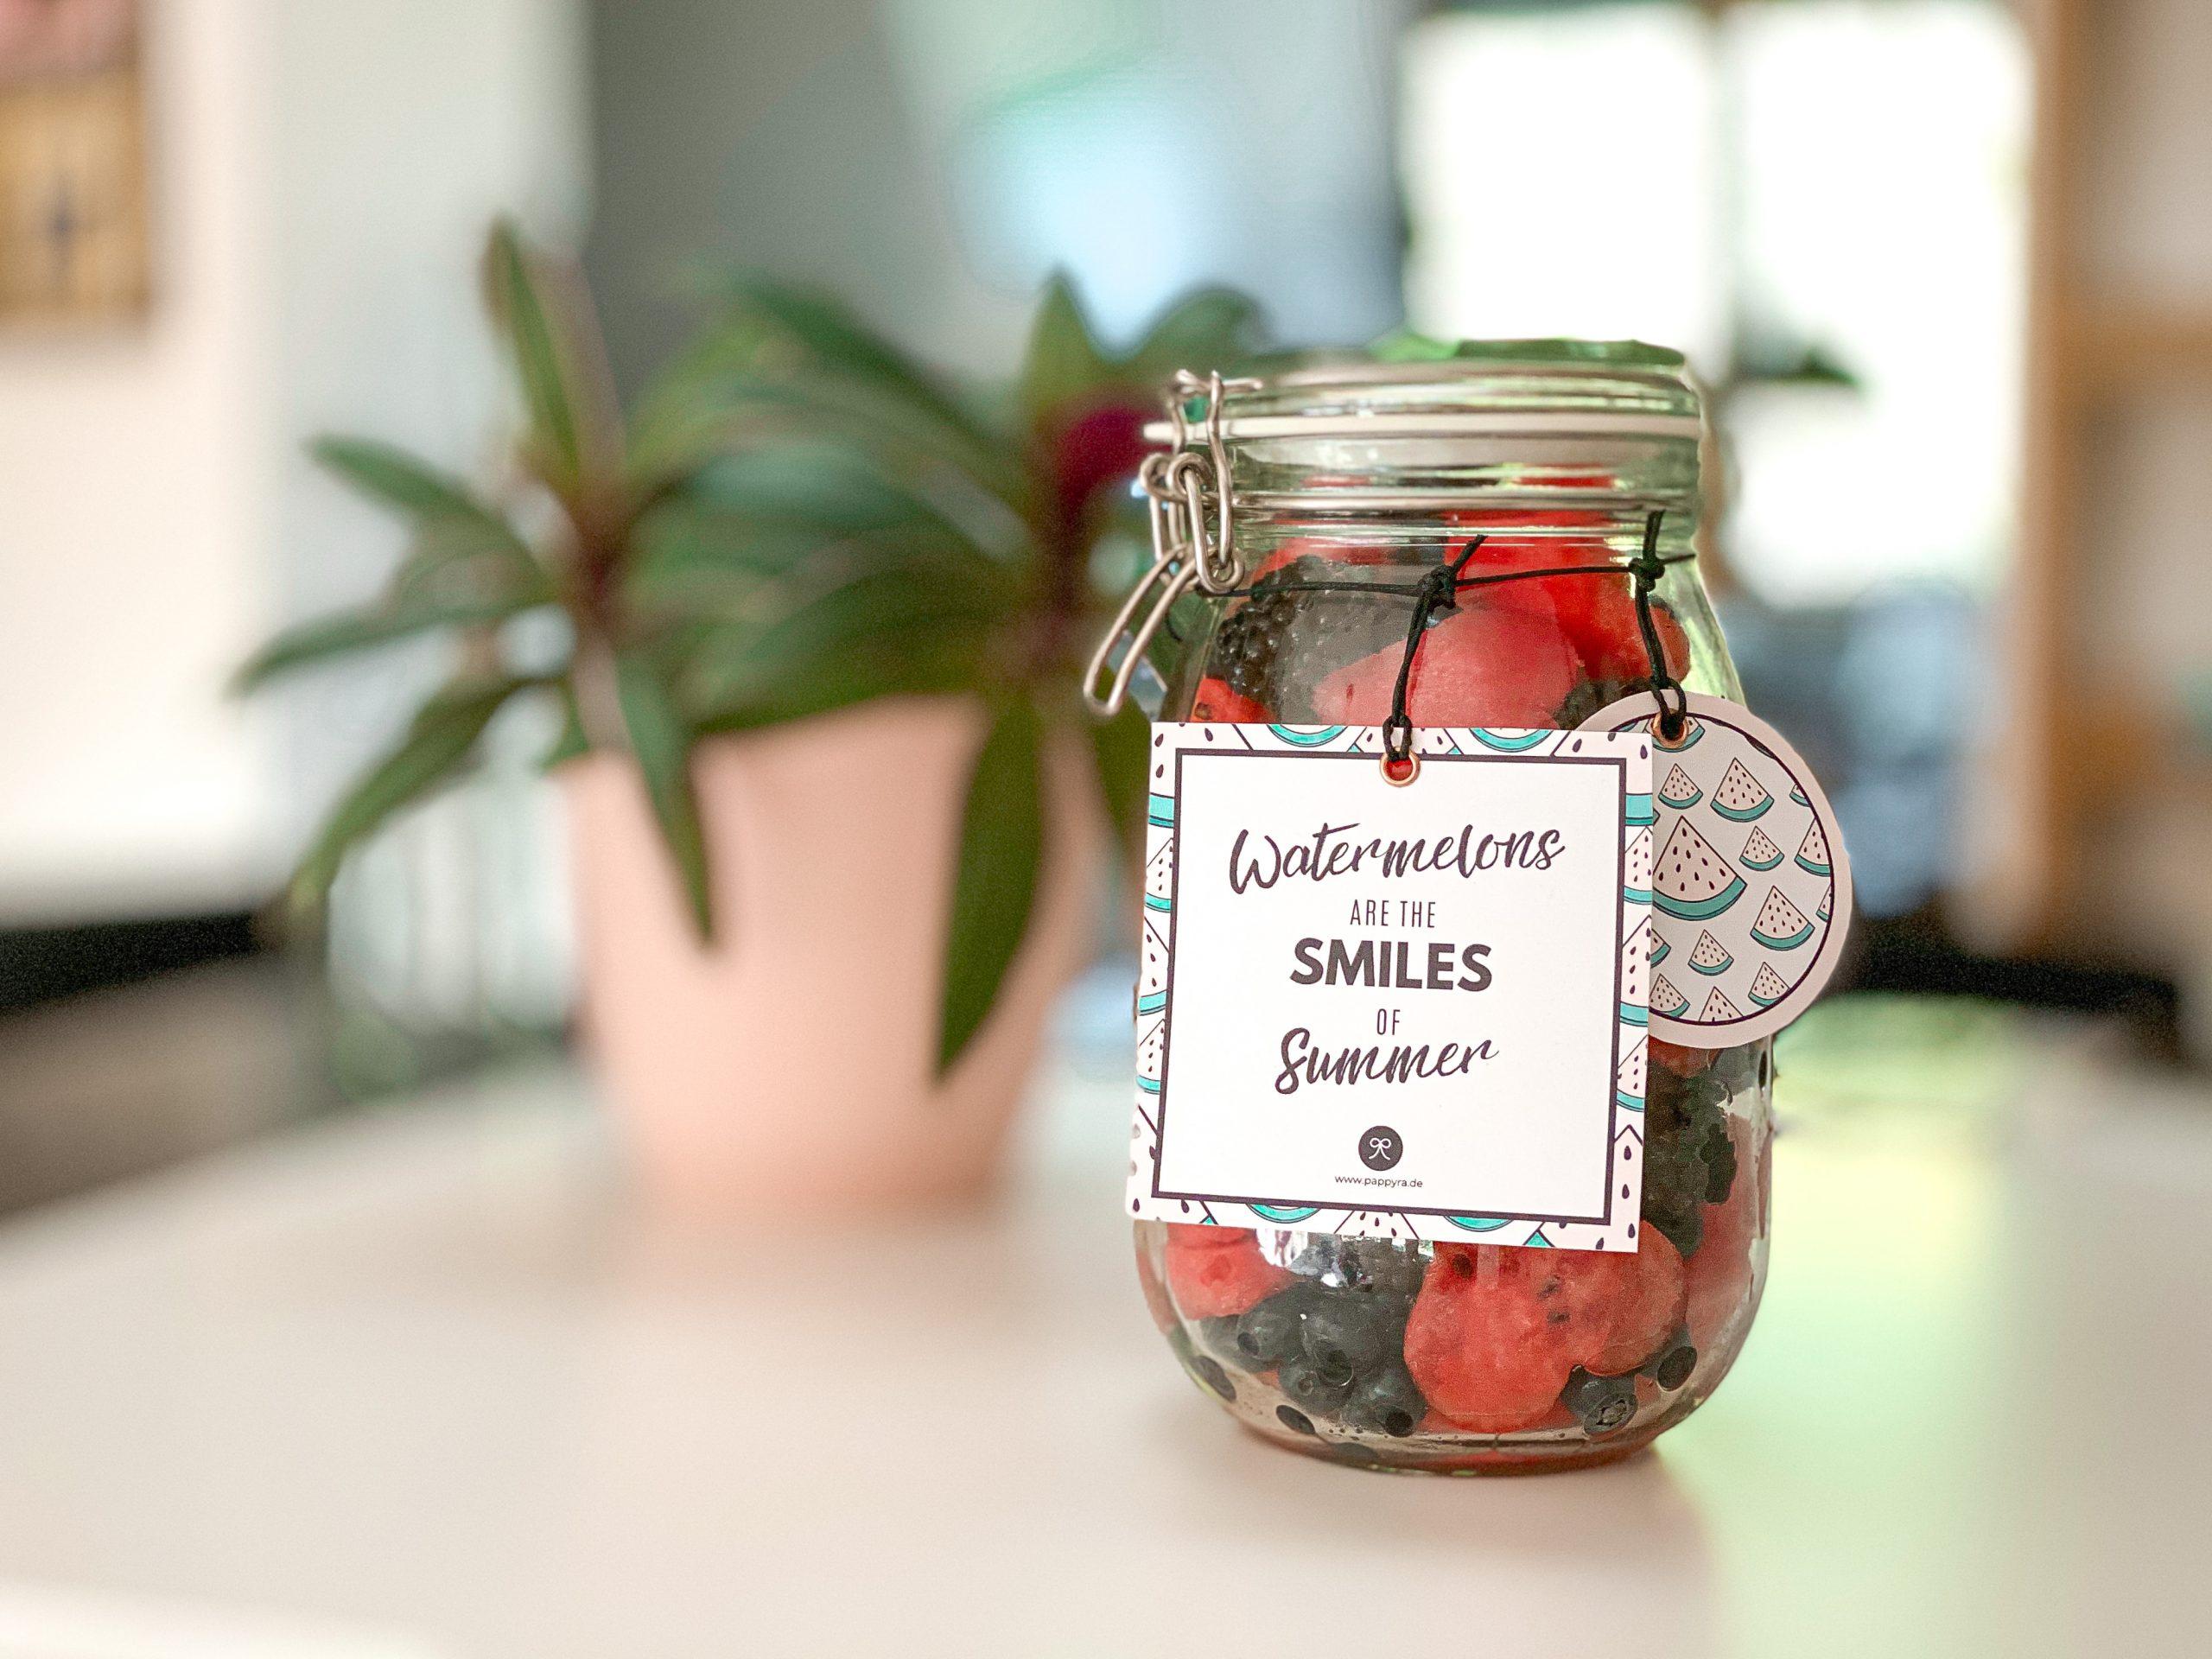 Wassermelonen-Herzen in Einmachglas mit Geschenkanhänger